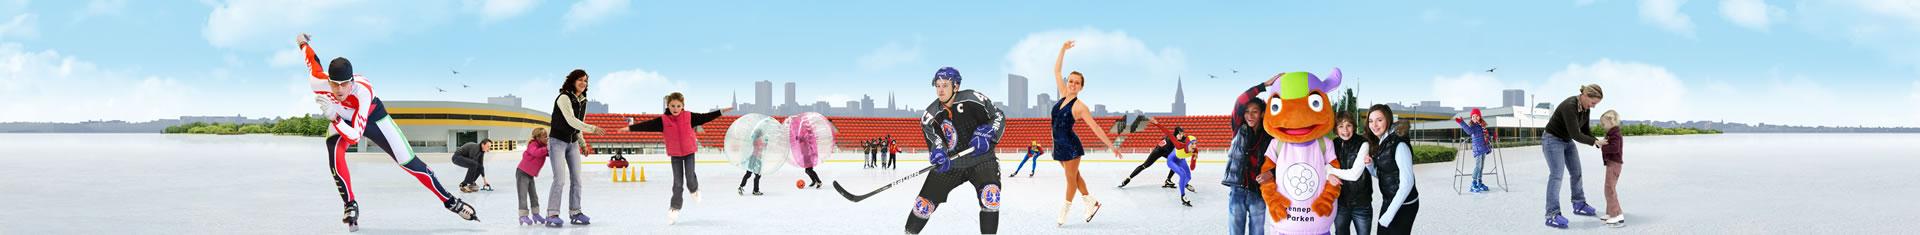 ijssportcentrum